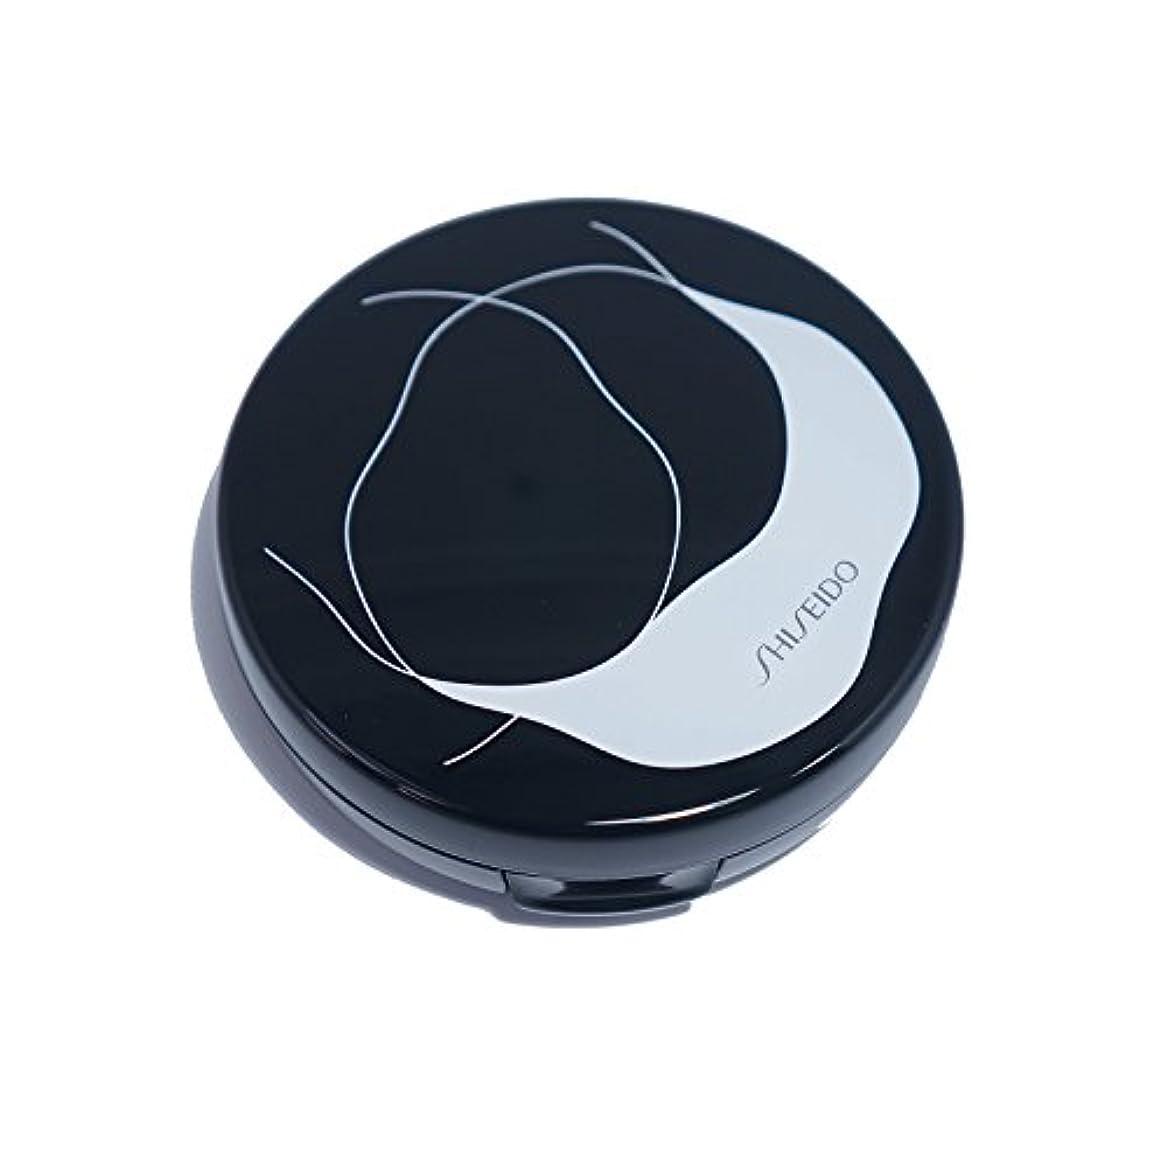 あえて注入する仕えるSHISEIDO 資生堂 シンクロスキン グロー クッションコンパクト オークル10 レフィル&ケースのセット 国内正規品